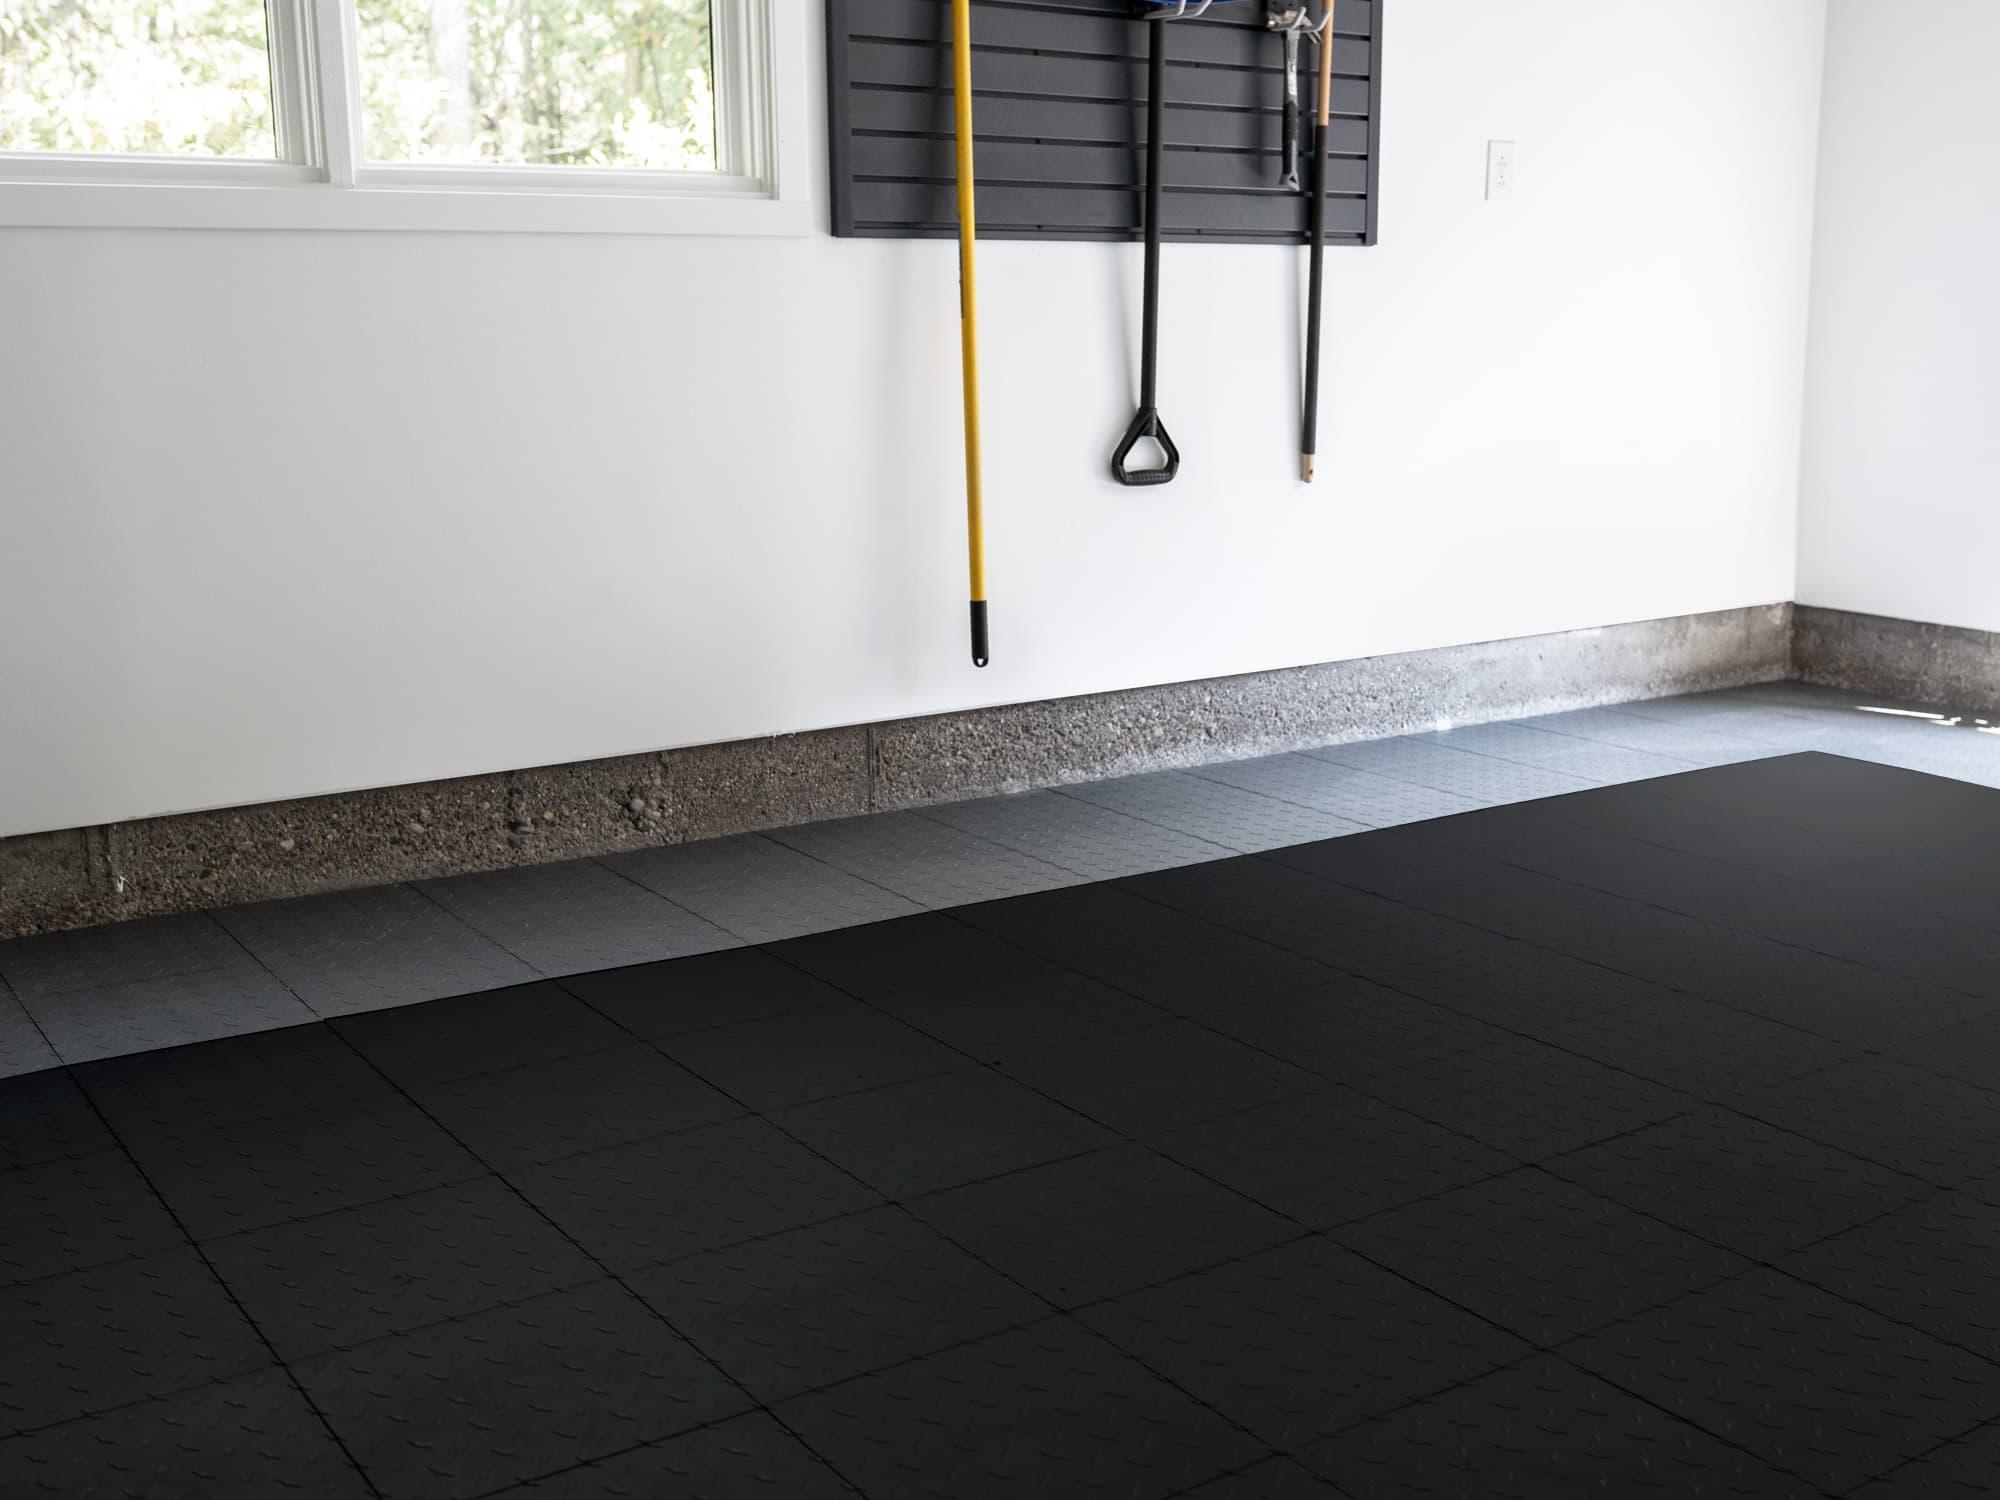 EasyGarge Flooring - Jet Black